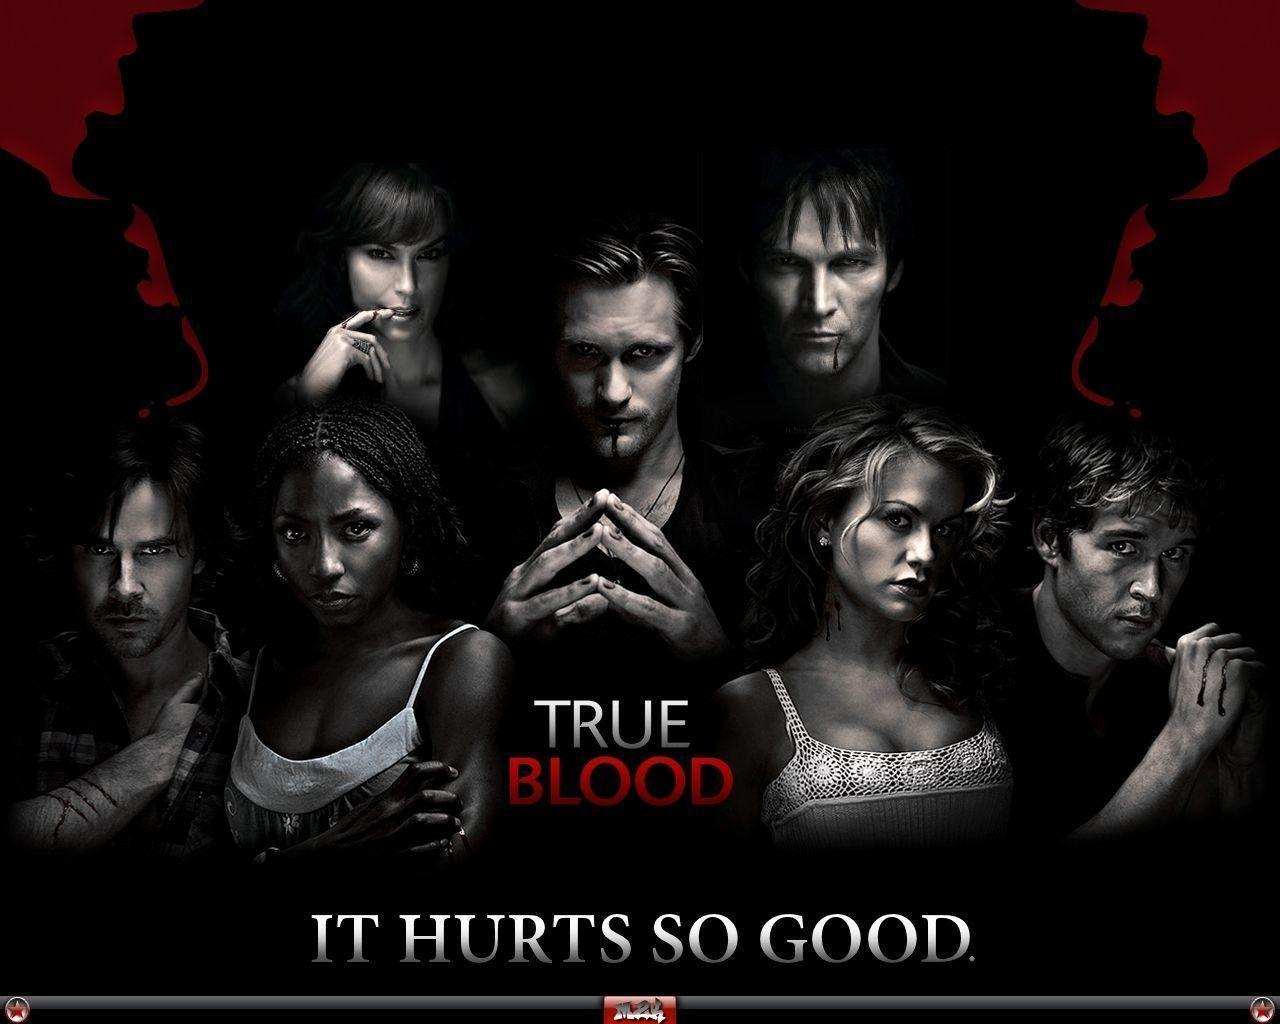 True Blood Wallpaper Hd: Hbo True Blood Wallpapers